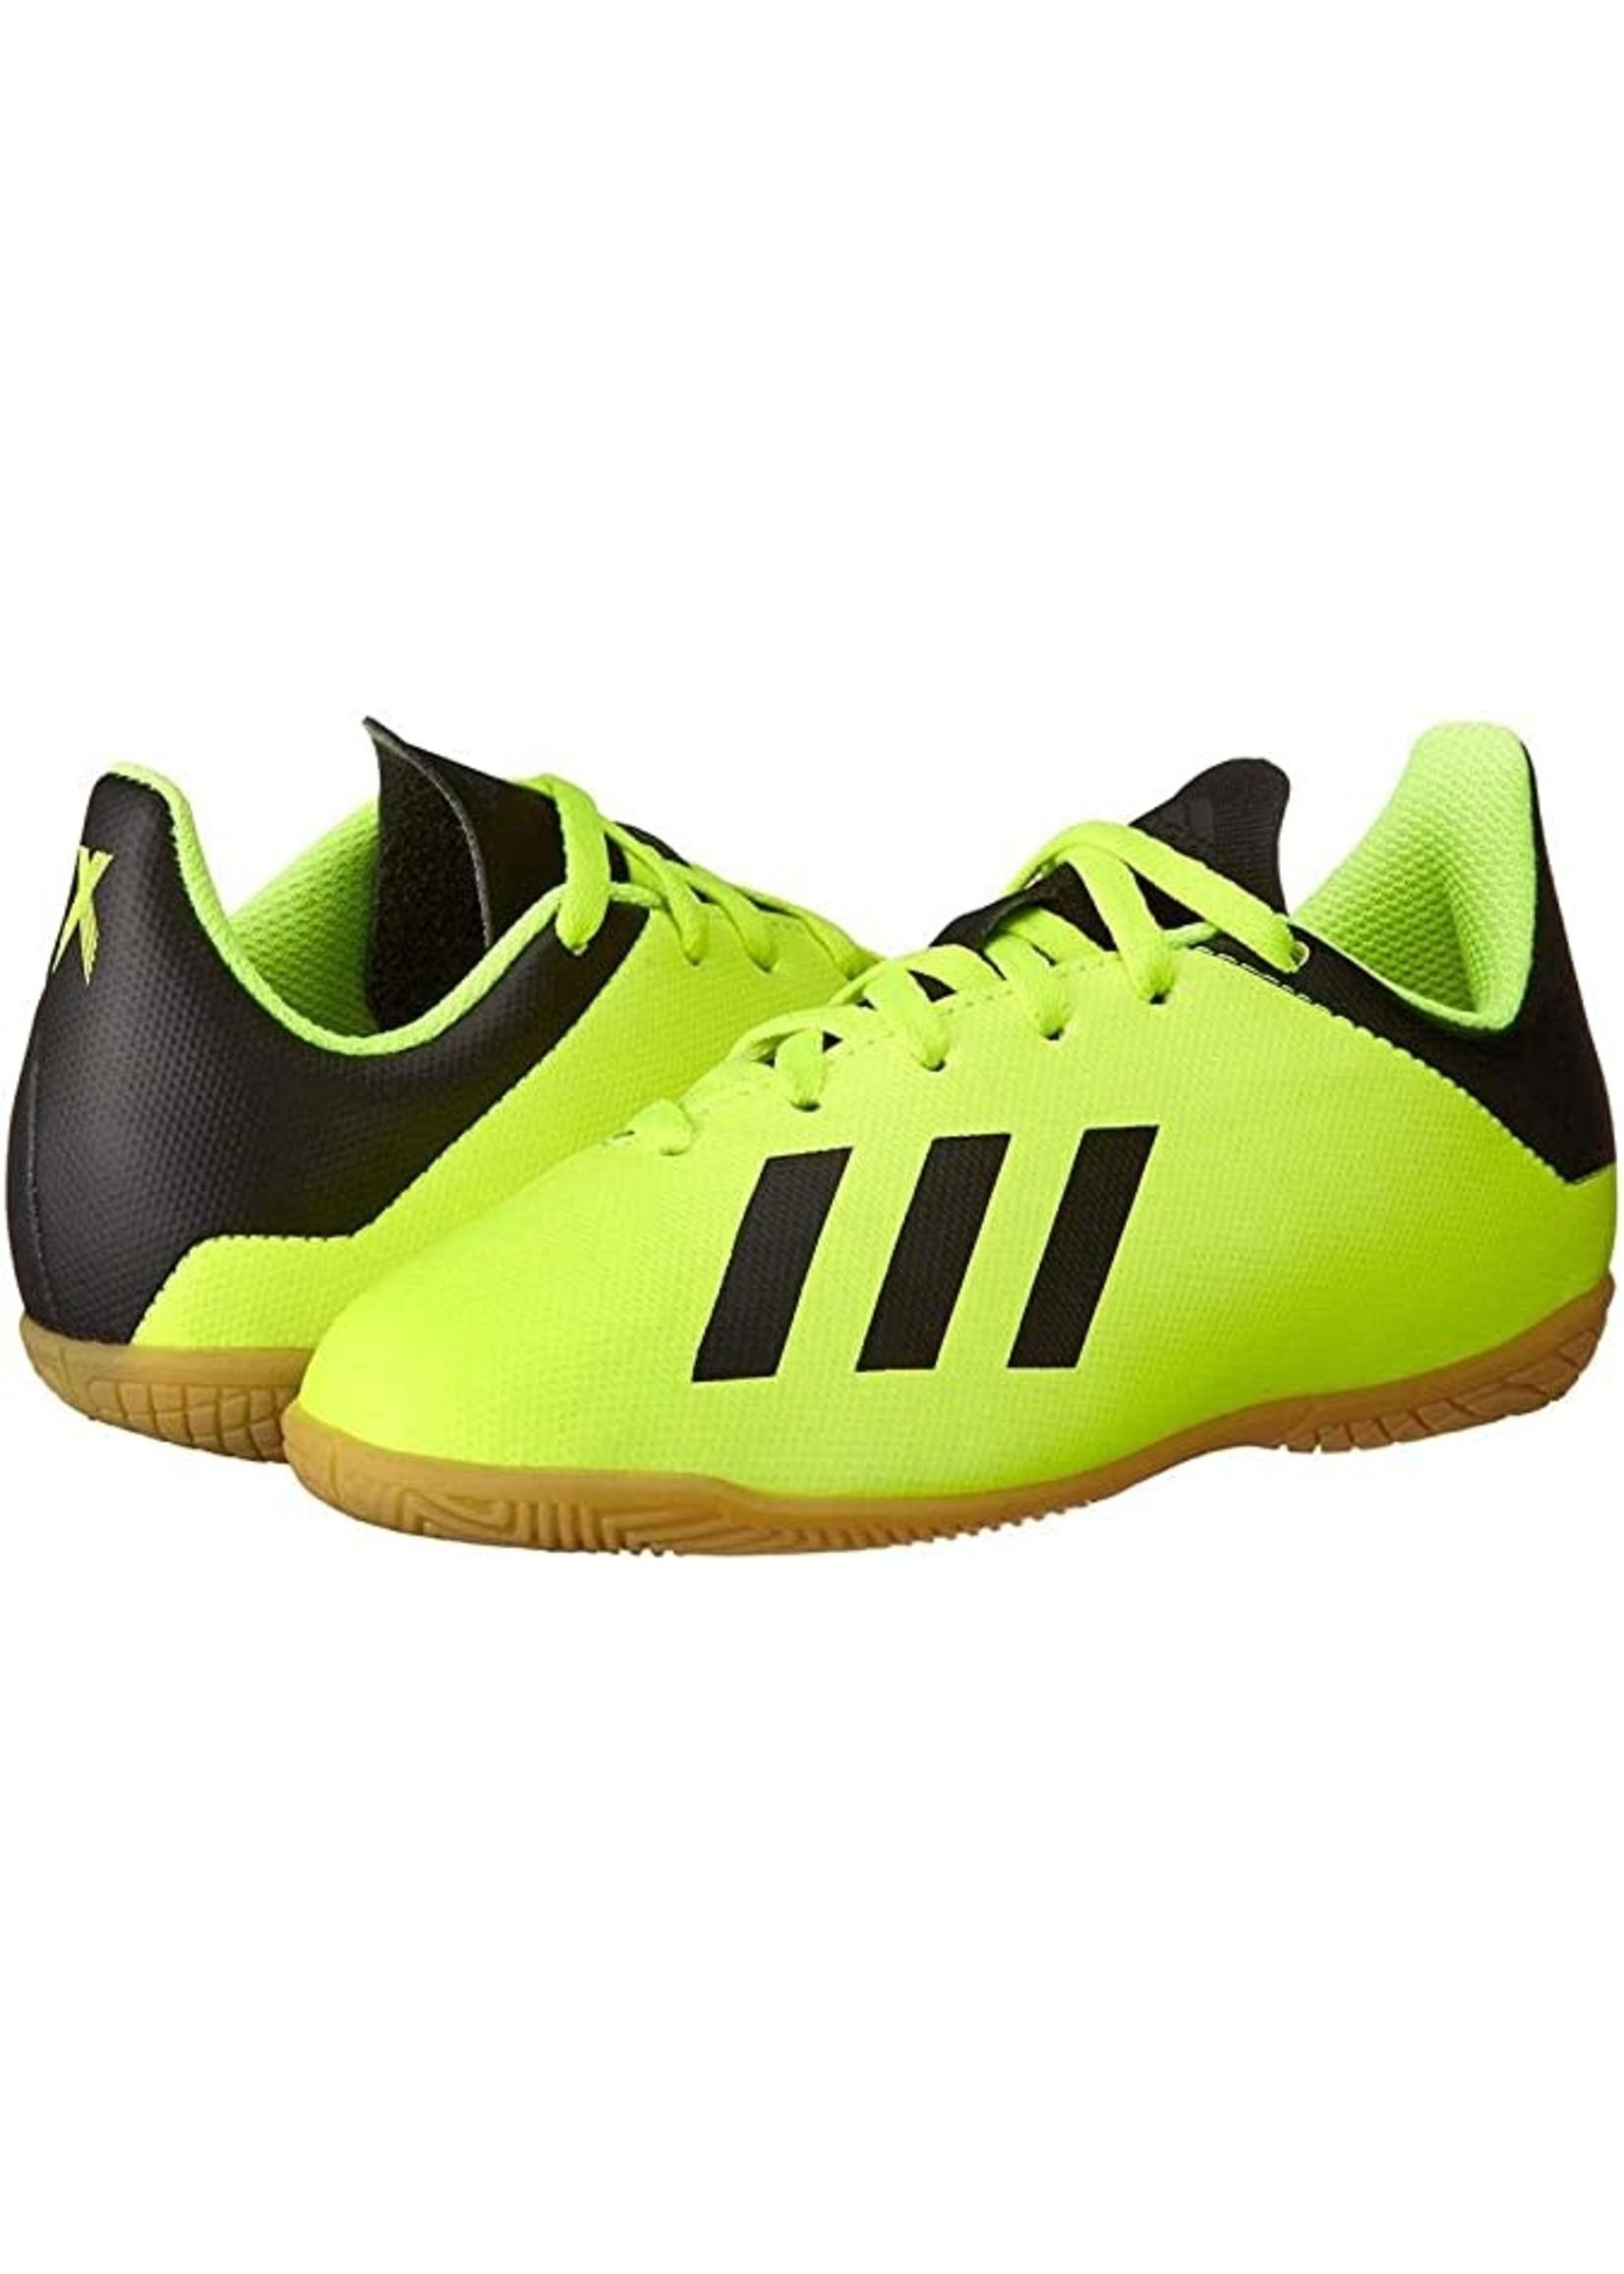 Adidas X TANGO 18.4 IN JR